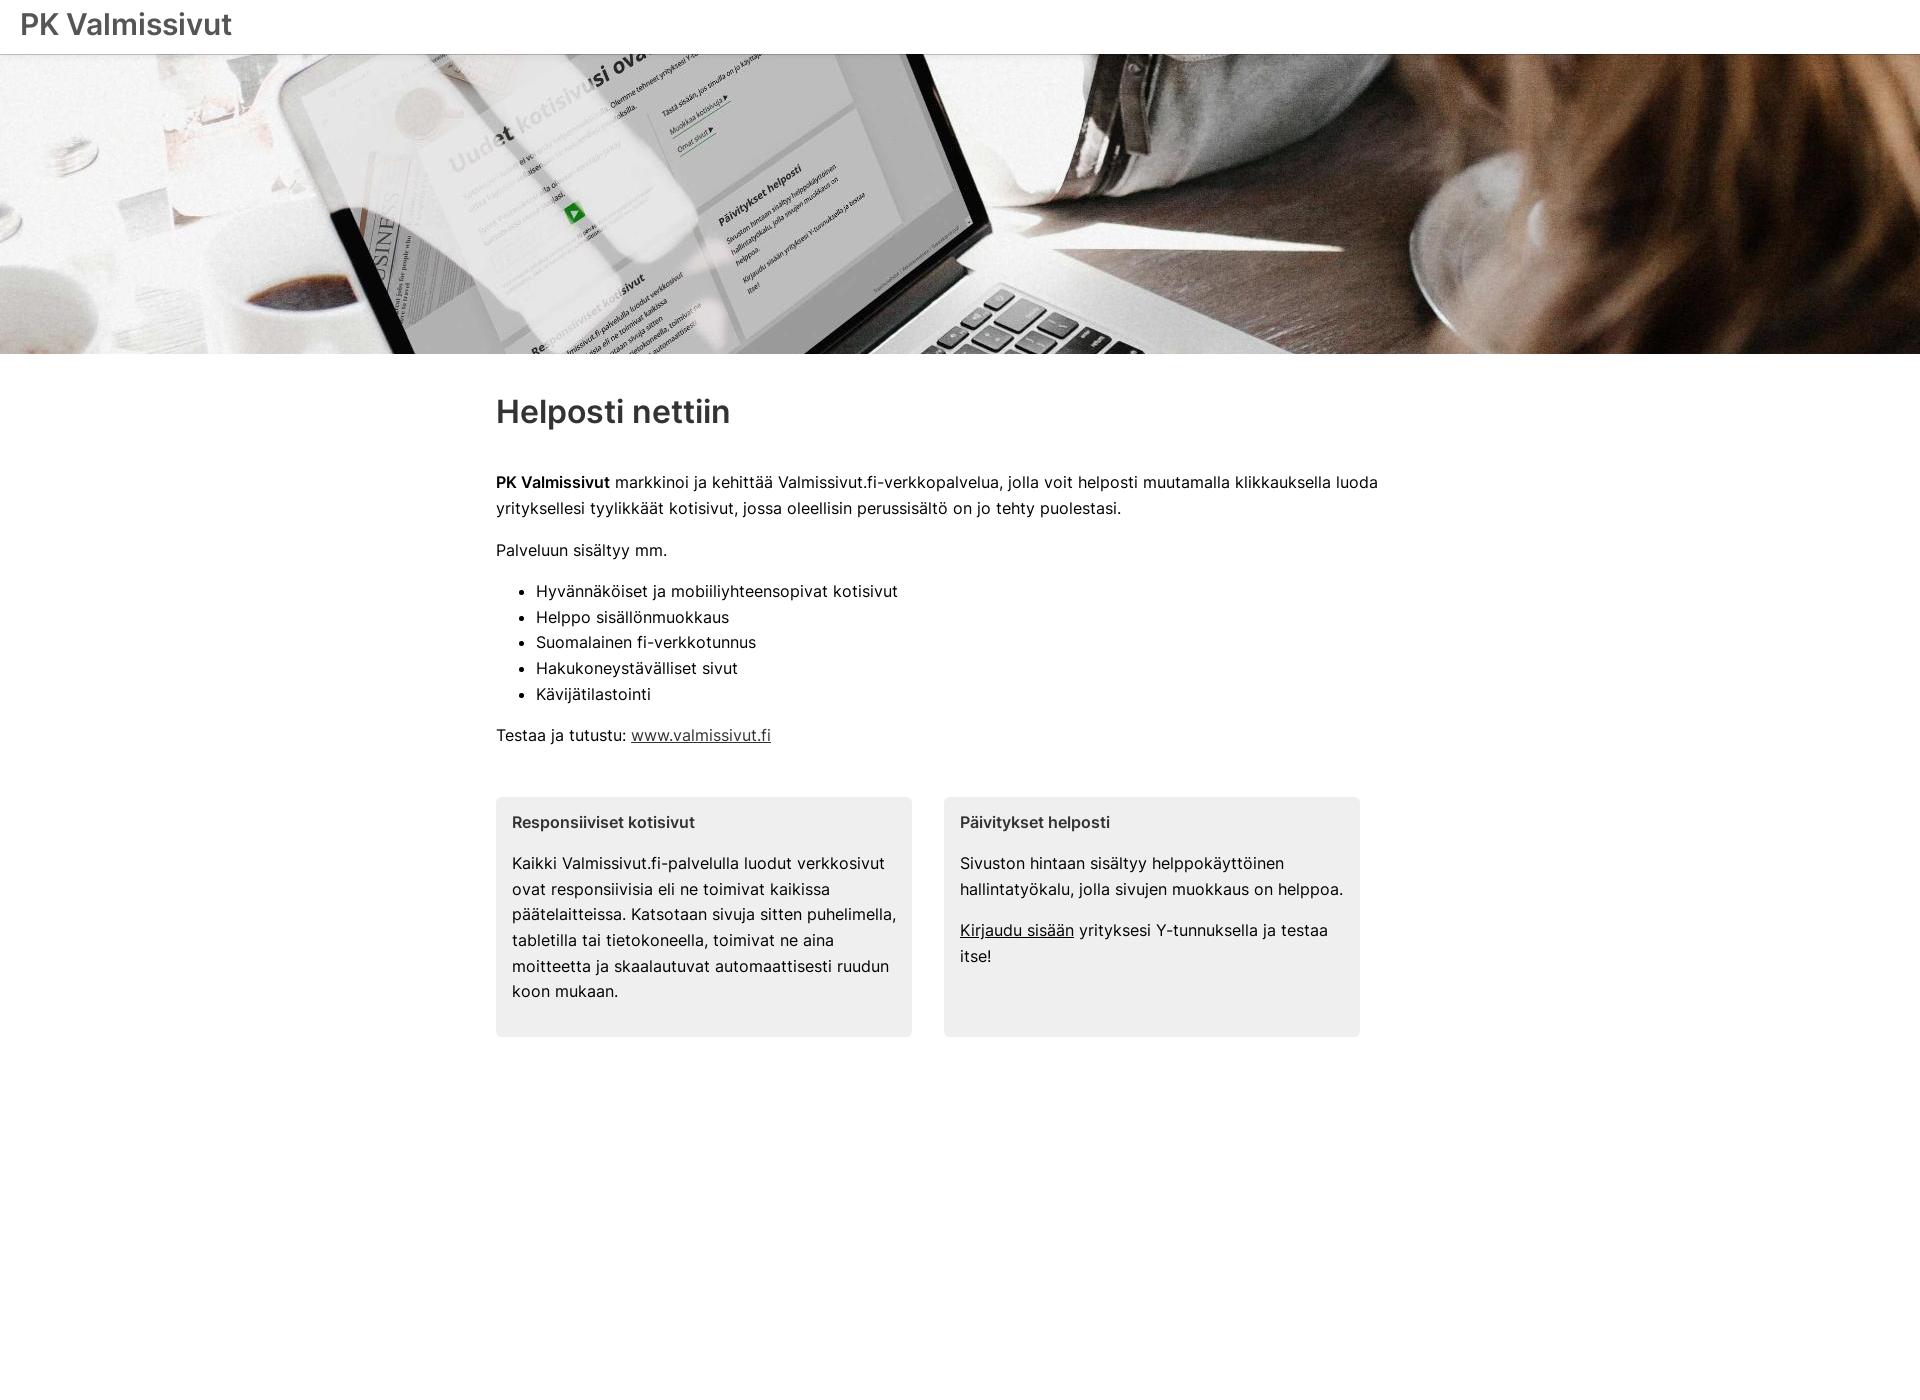 Screenshot for pk-valmissivut.fi